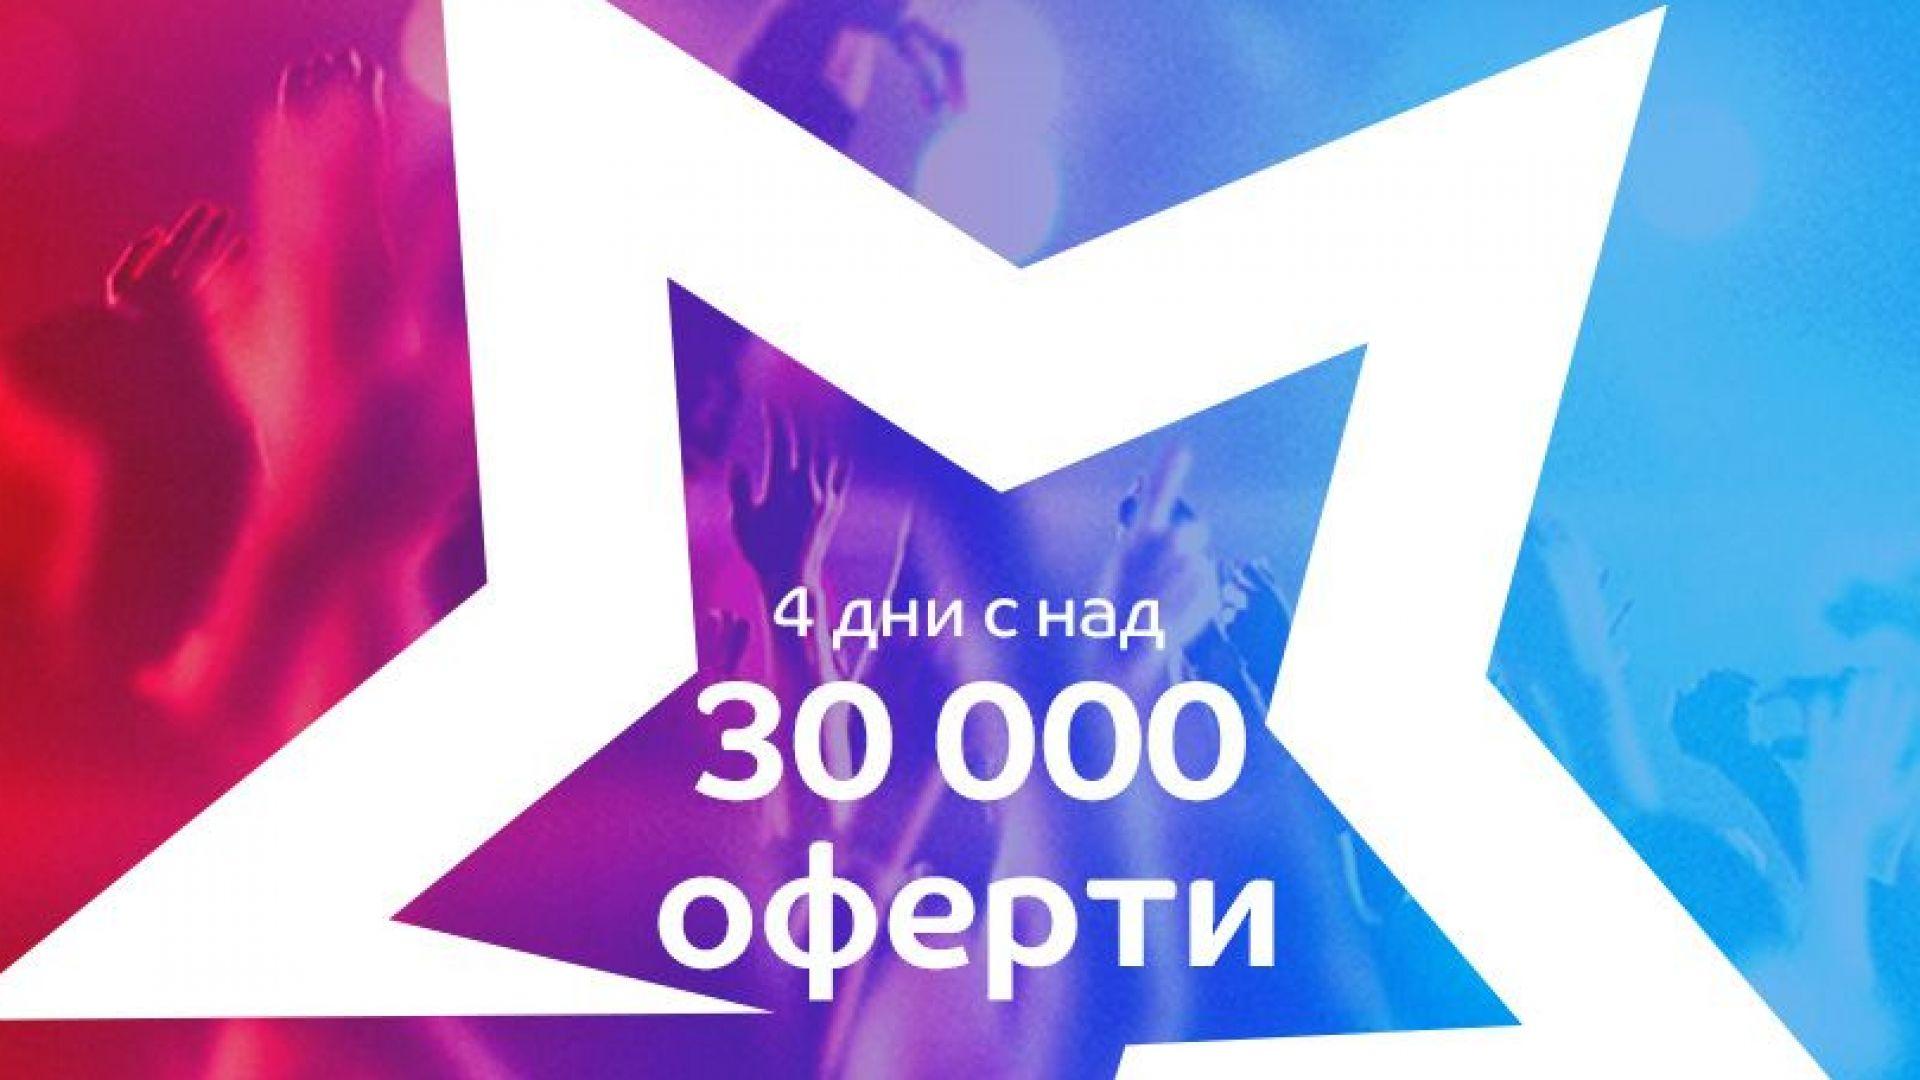 Над 30000 подбрани оферти ни очакват в Революция на цените на eMAG